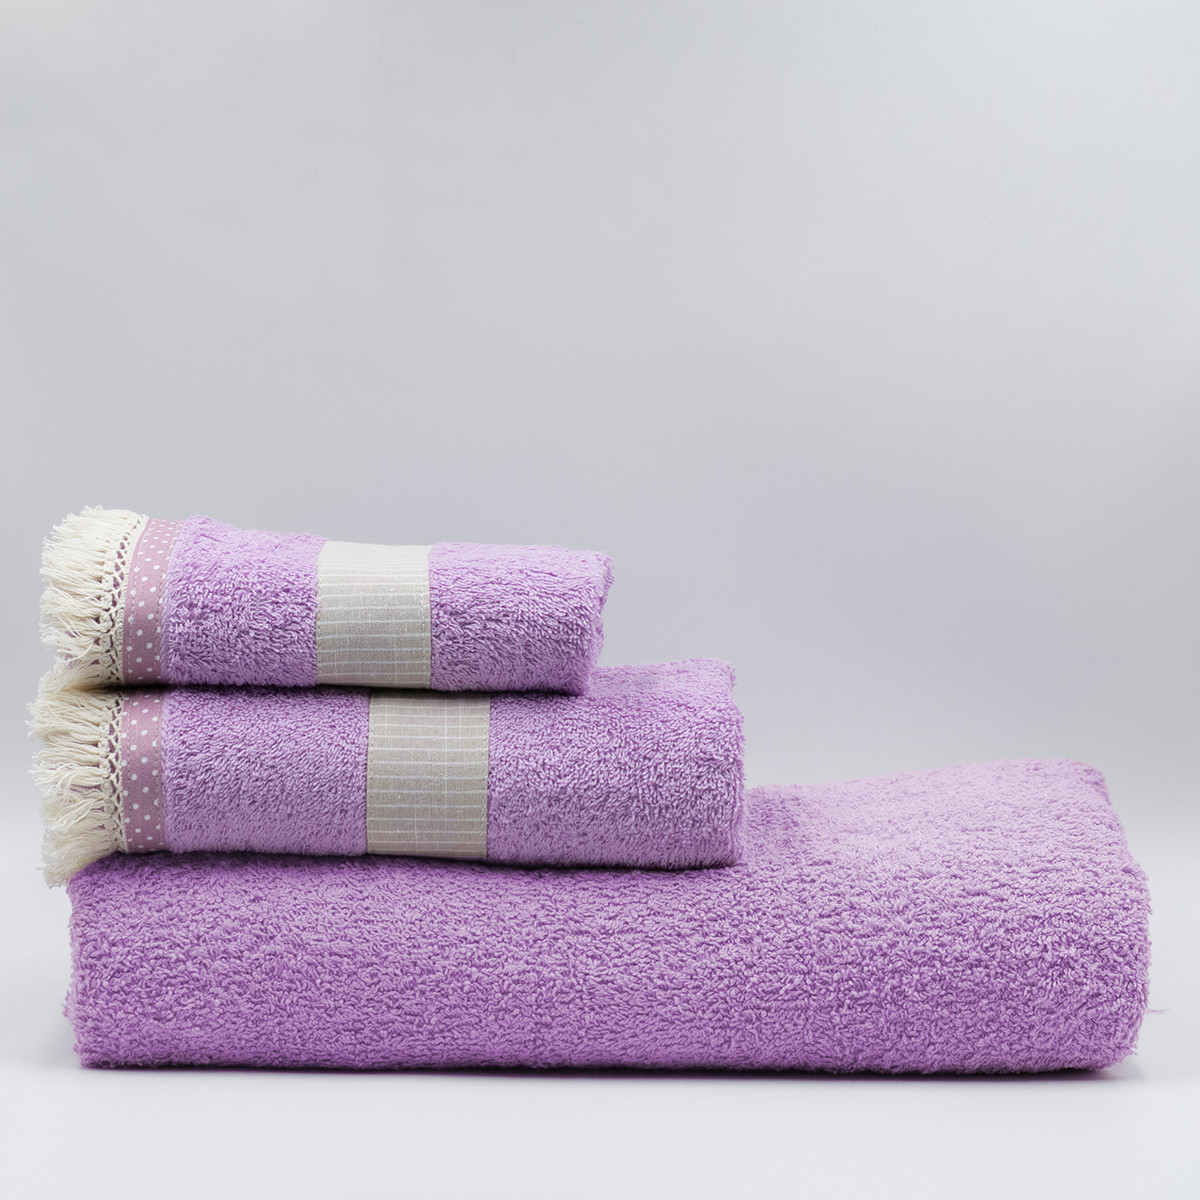 Πετσέτες Μπάνιου (Σετ 3τμχ) White Fabric Melody Pink